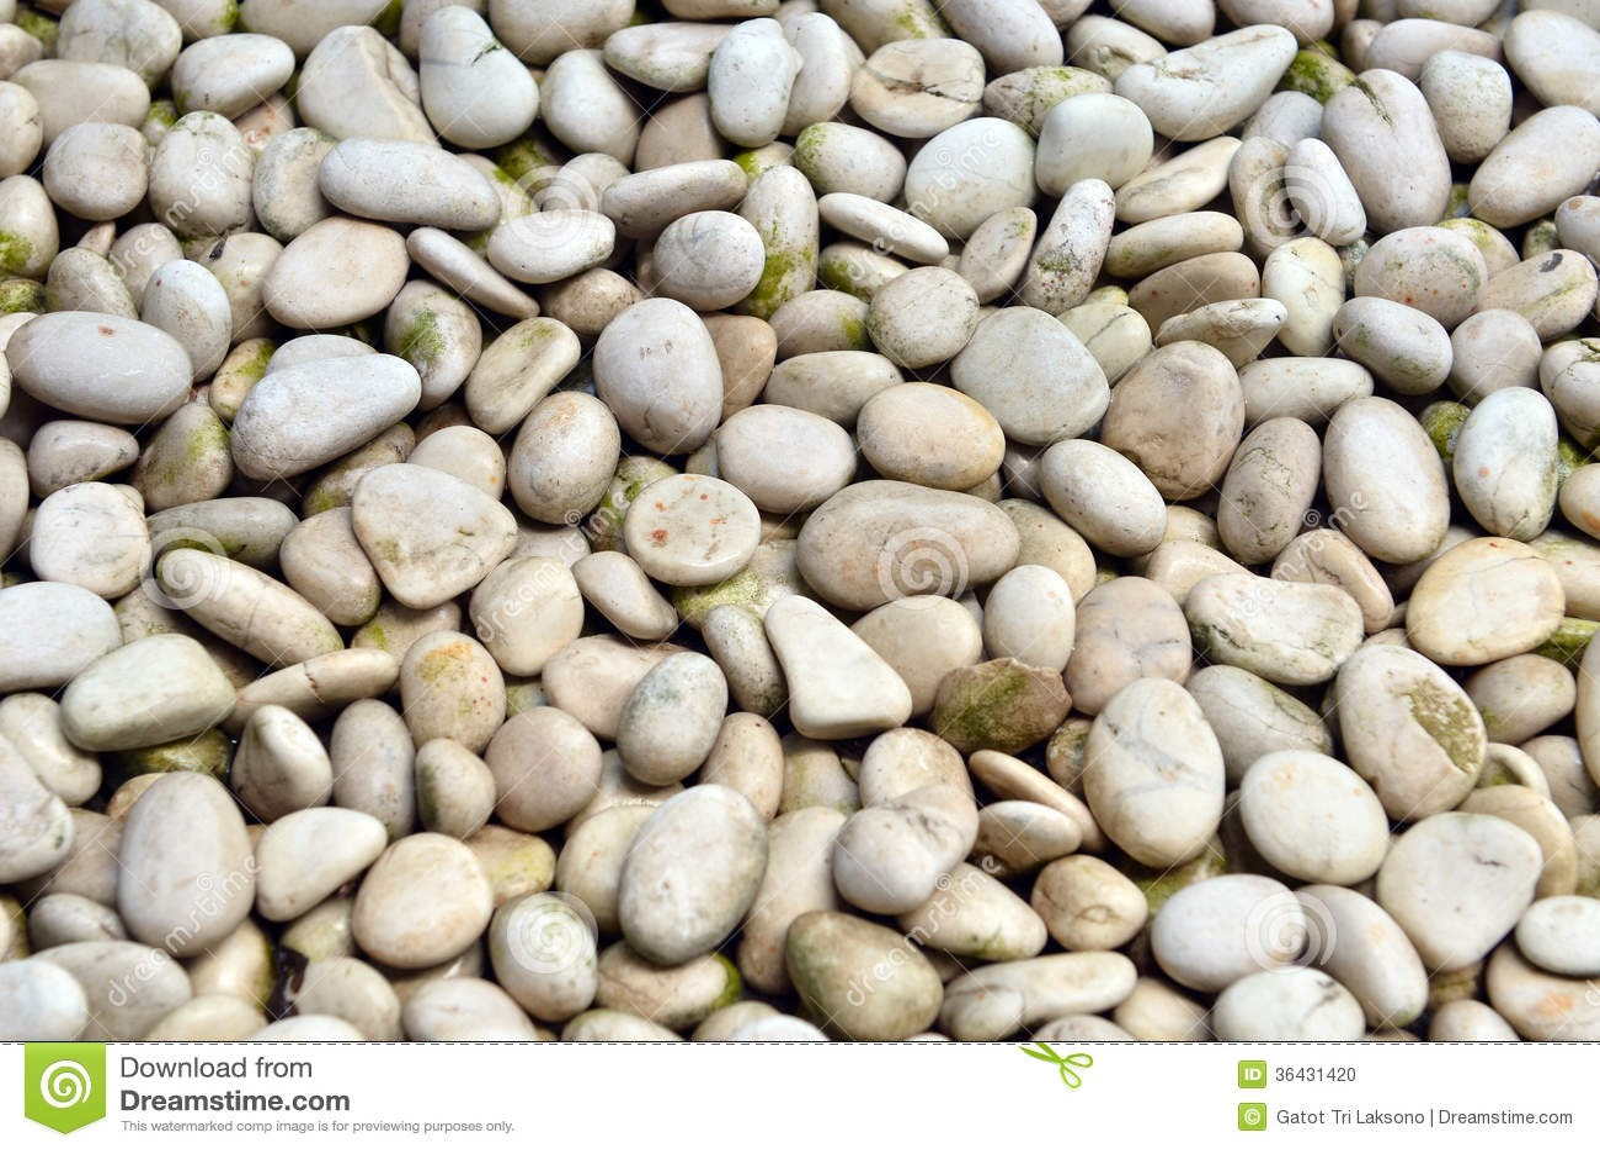 pedras de jardim branca:As pedras naturais brancas podem usar-se para a textura de pedra. esta